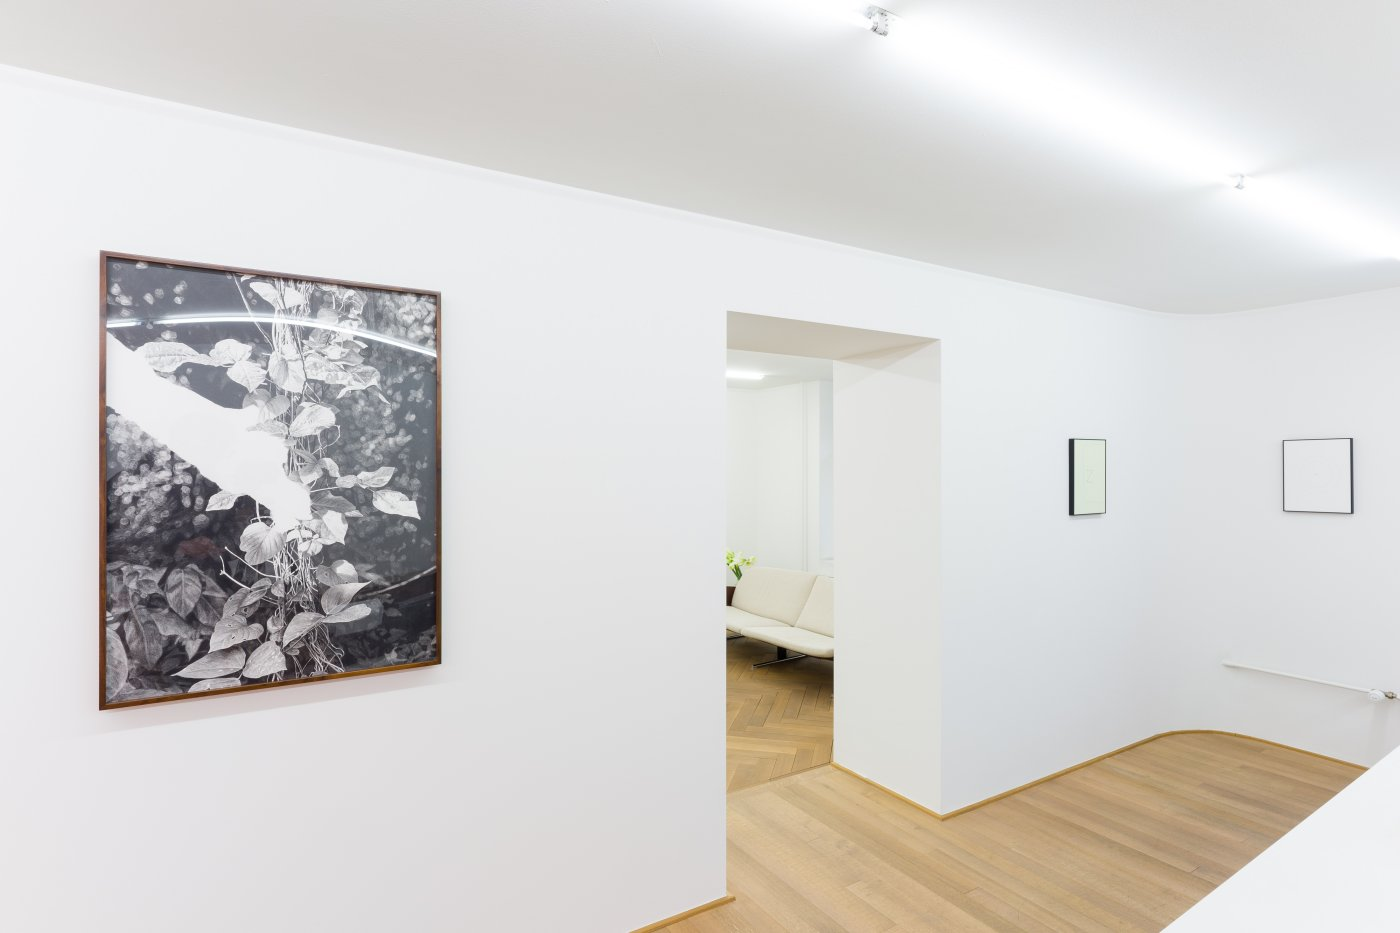 Mai 36 Galerie Ernst Caramelle Jorge Mendez Blake Christoph Rutimann 7